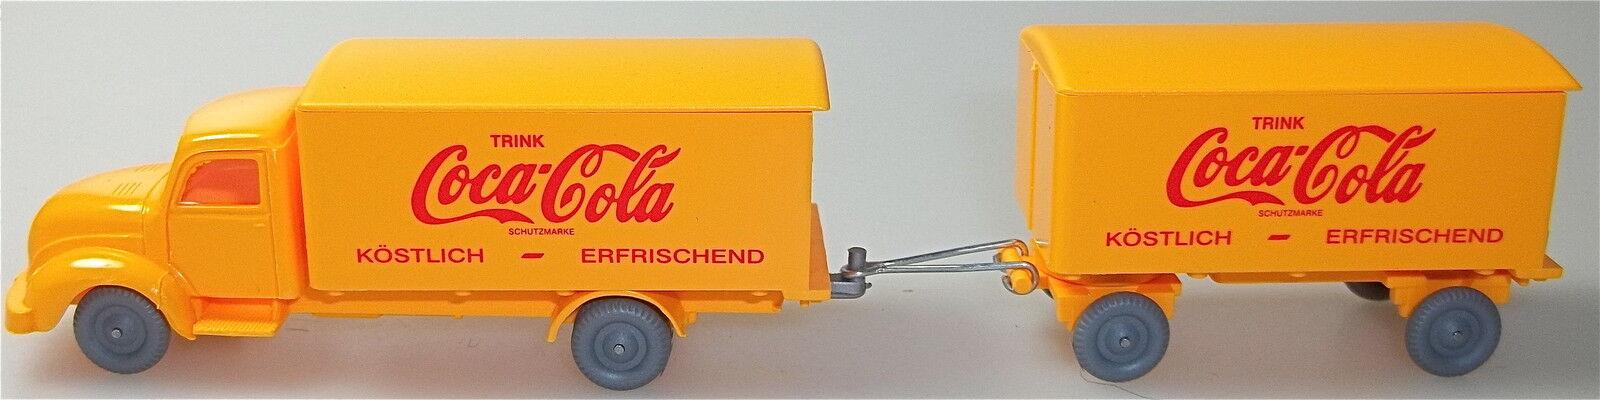 Coca - cola magirus runde haube lkw - Orange, Orange imu h0 nach   58 å